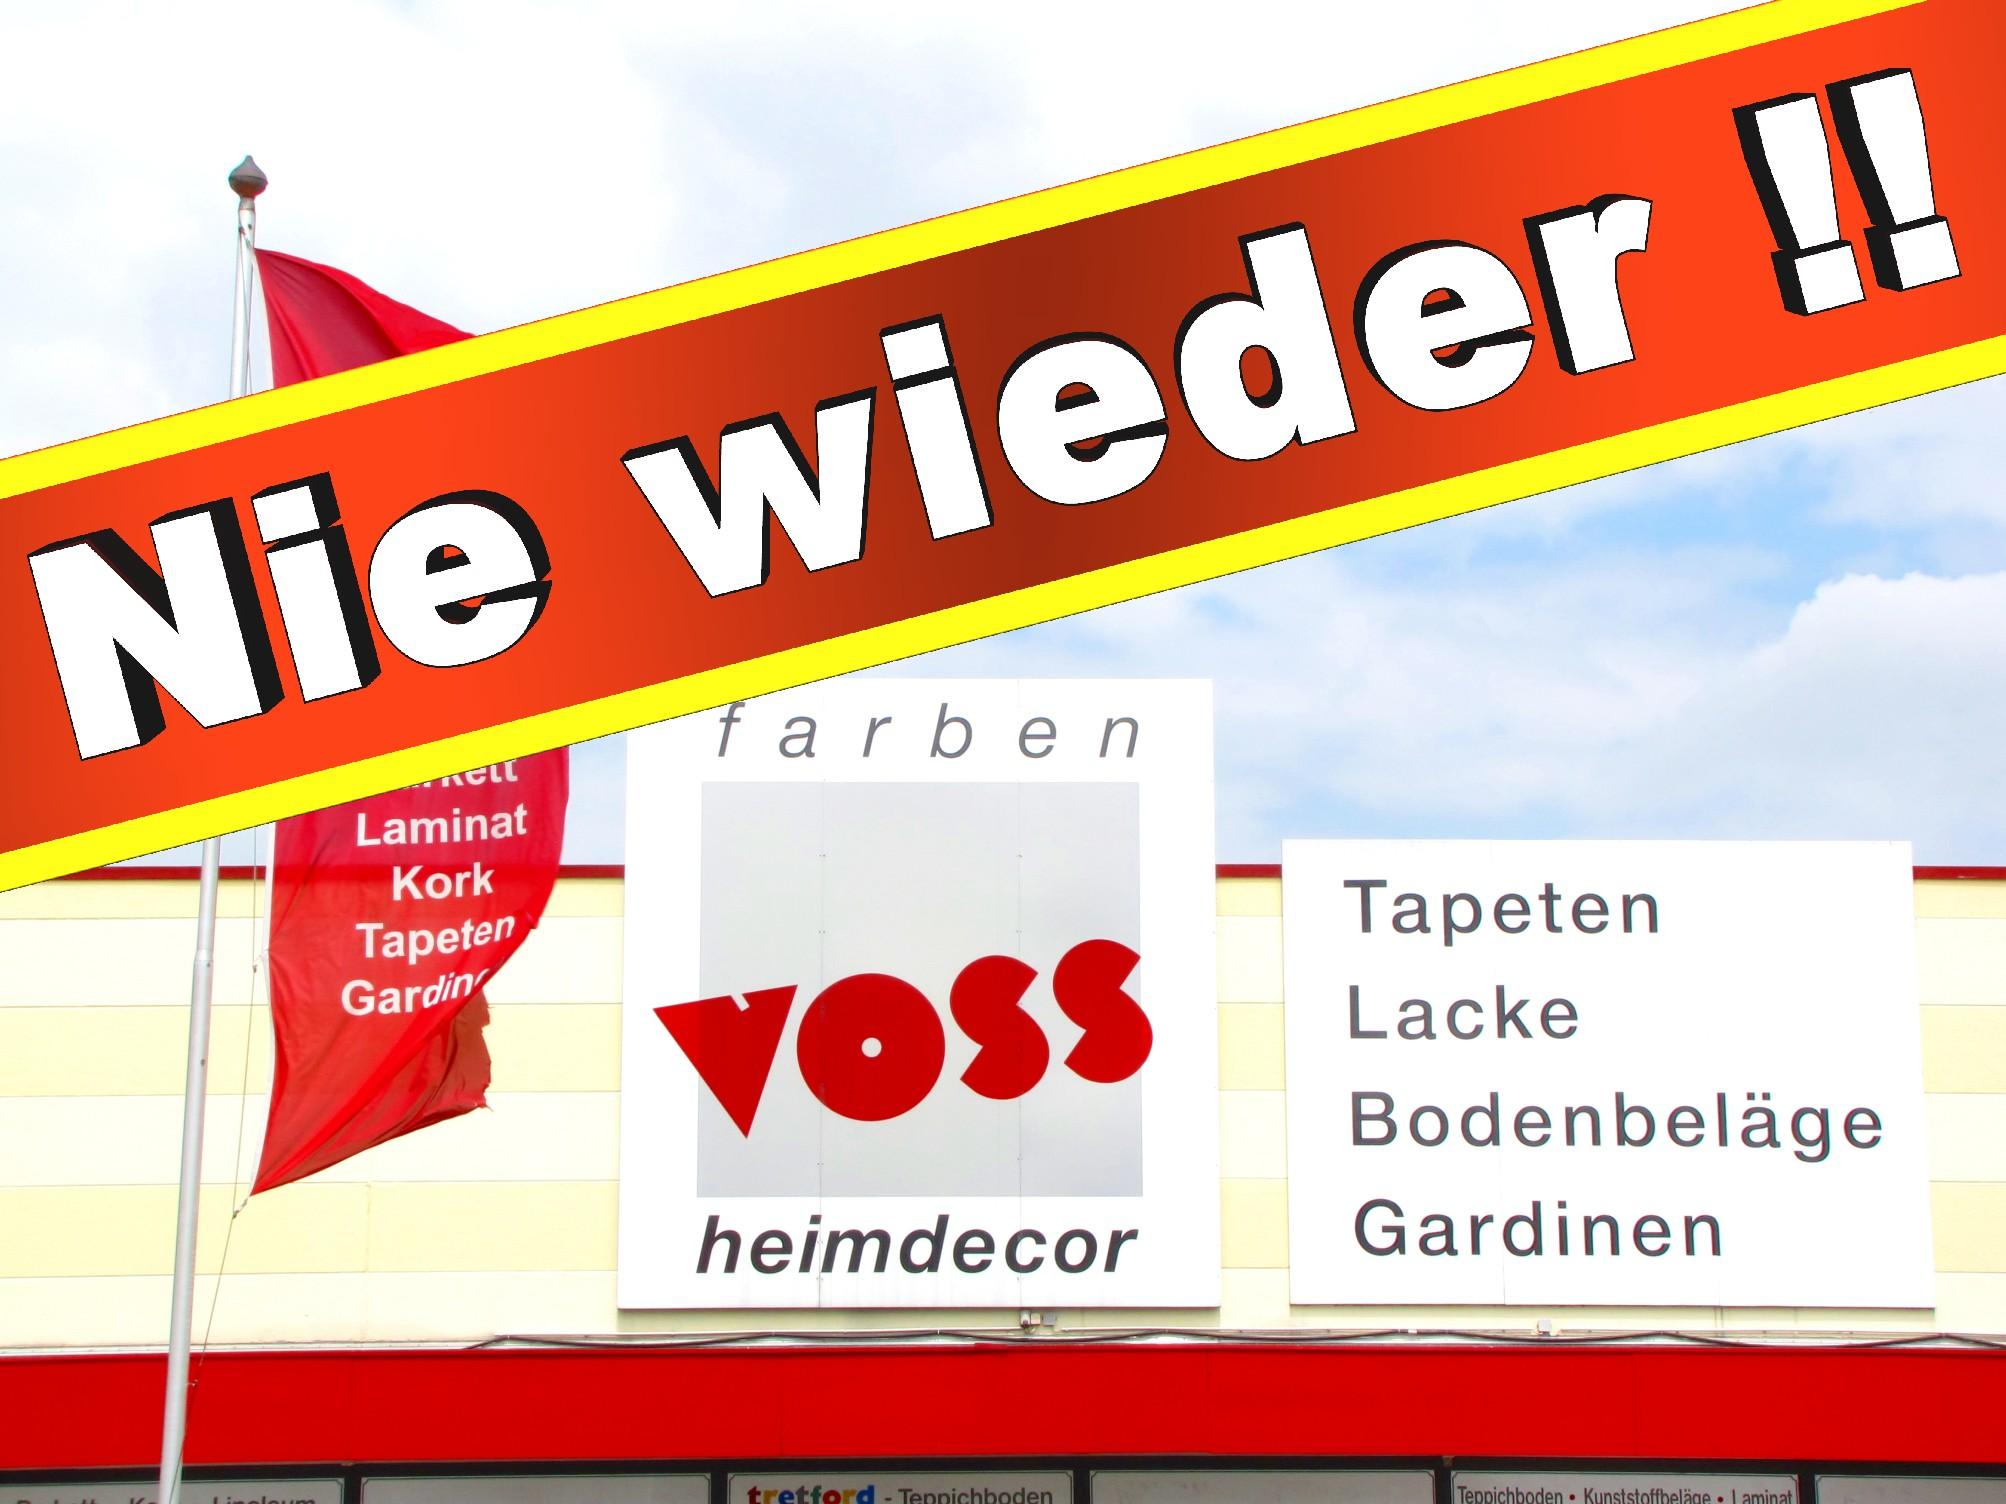 Farben Voss (2)